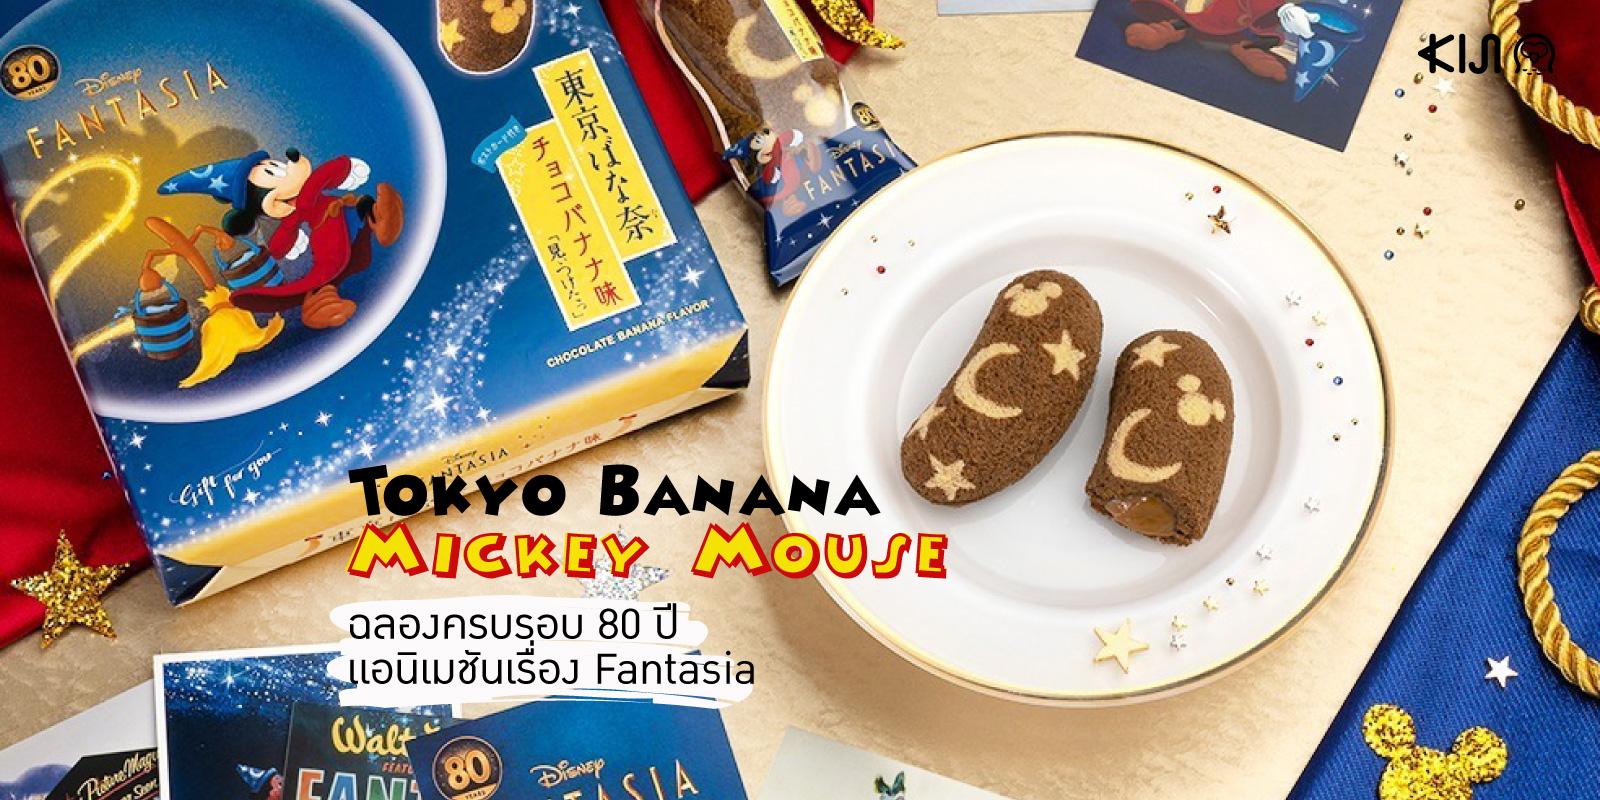 ฉลอง 80 ปีภาพยนตร์แอนิเมชันในดวงใจจากค่ายดิสนีย์ด้วย 'Tokyo Banana Fantasia'